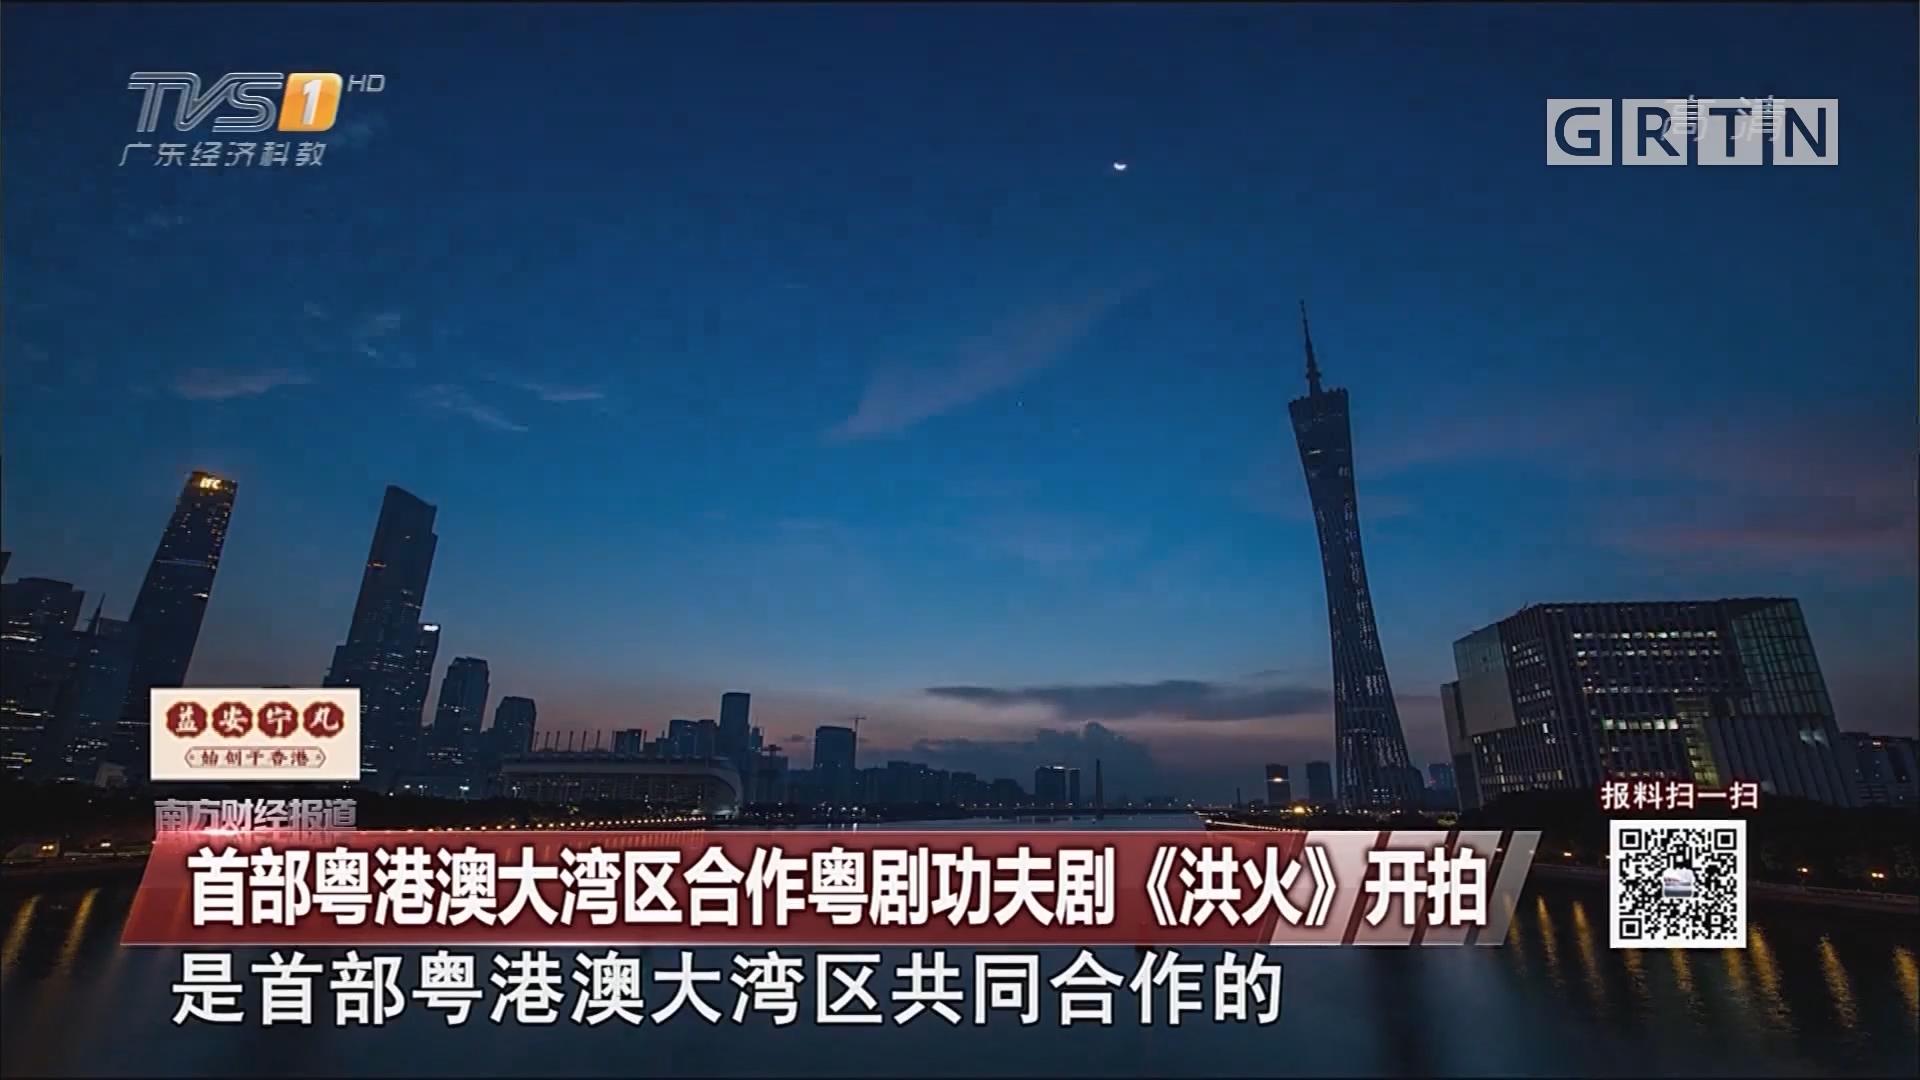 首部粤港澳大湾区合作粤剧功夫剧《洪火》开拍